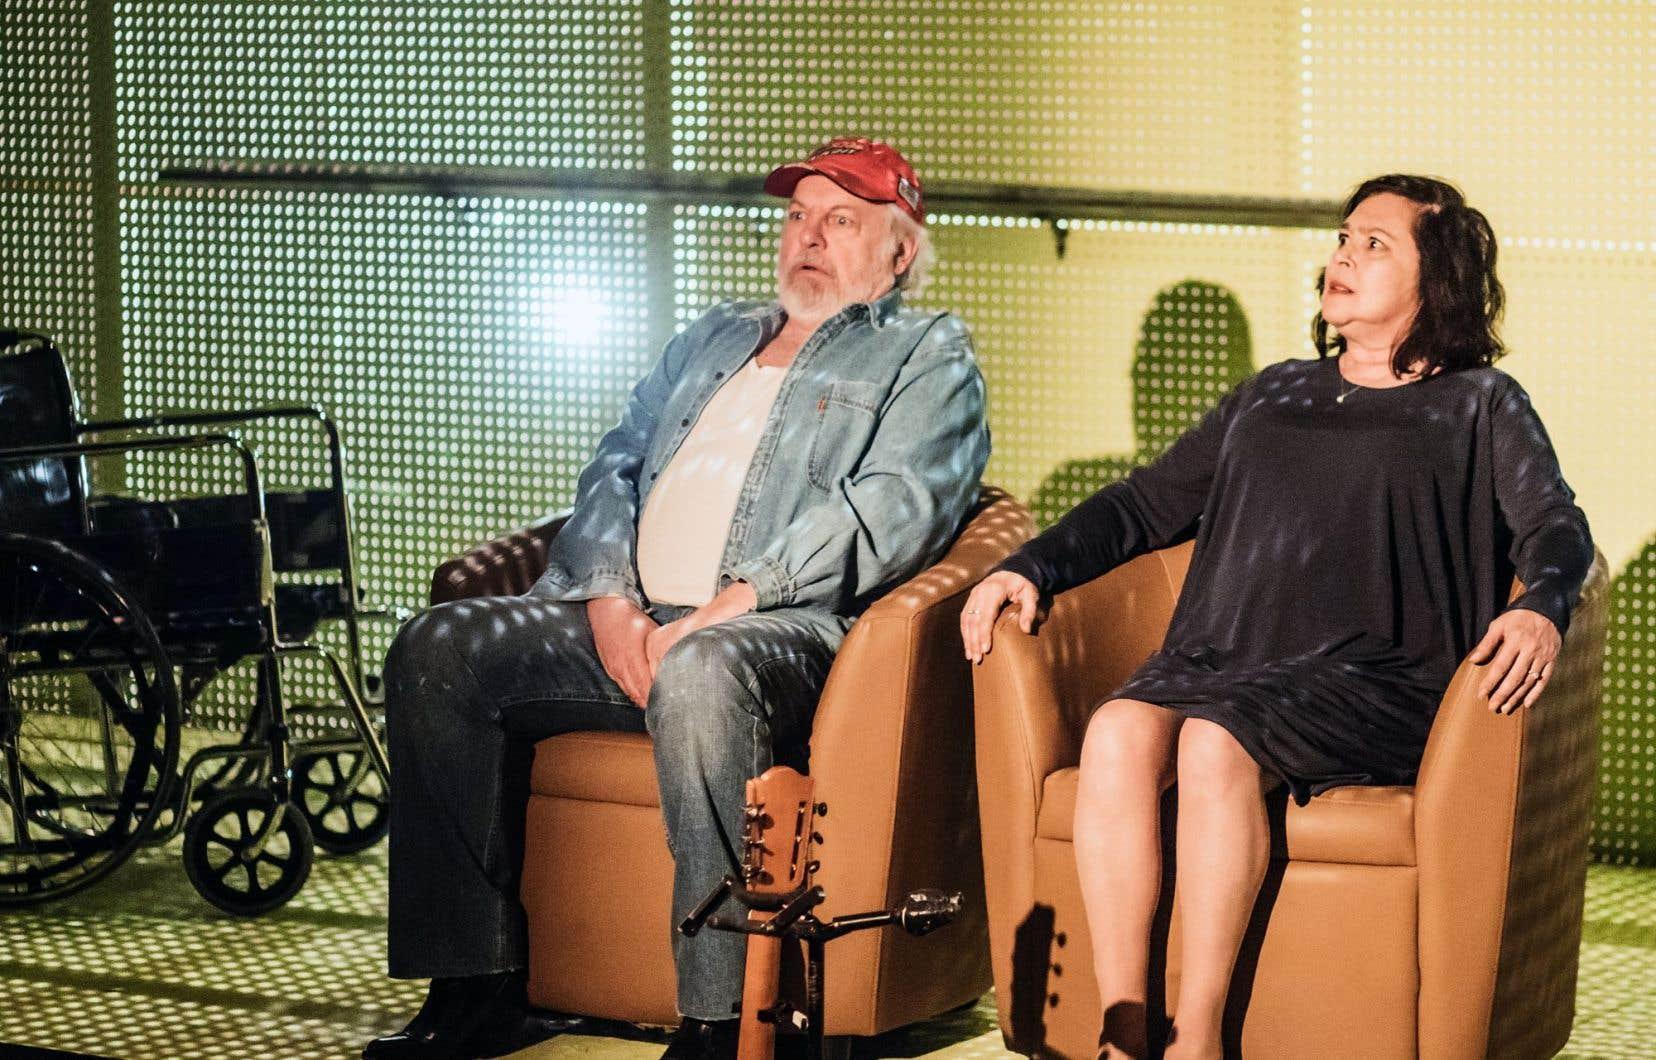 Le vrai cœur qui bat dans la pièce d'Eugénie Beaudry, c'est Jessy (Vincent Bilodeau) et Simone (Louise Bombardier), dans la tendresse sale qui unit les corps usés comme les esprits en déroute.